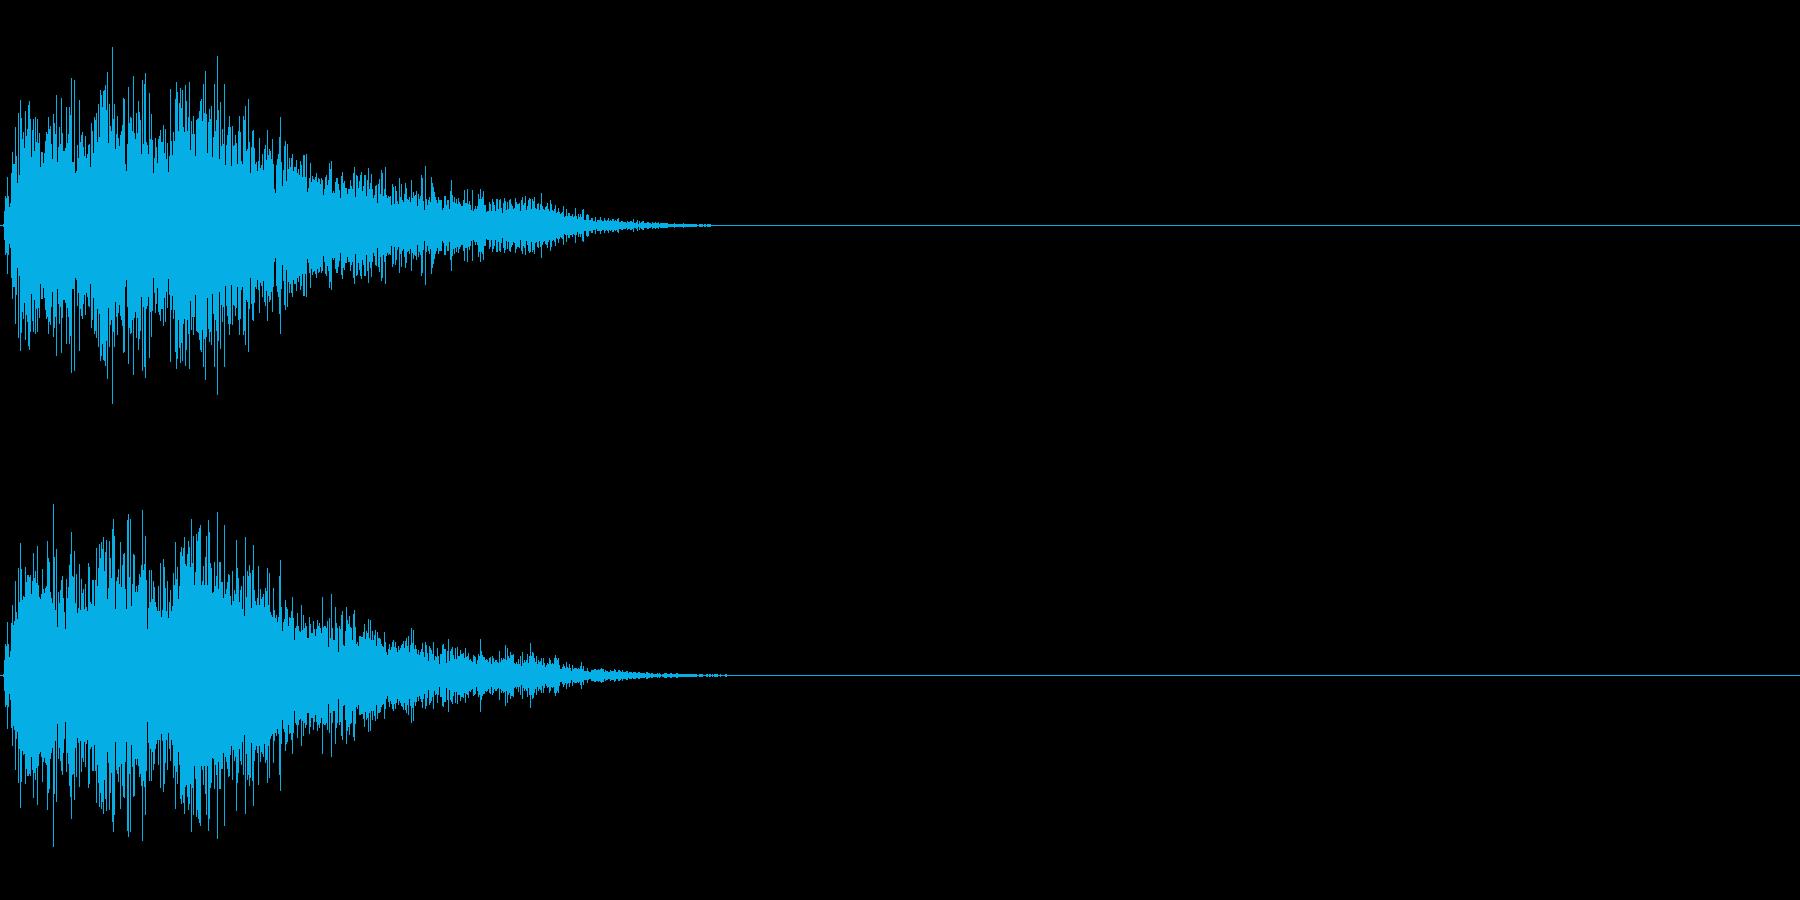 【出題02-1】の再生済みの波形